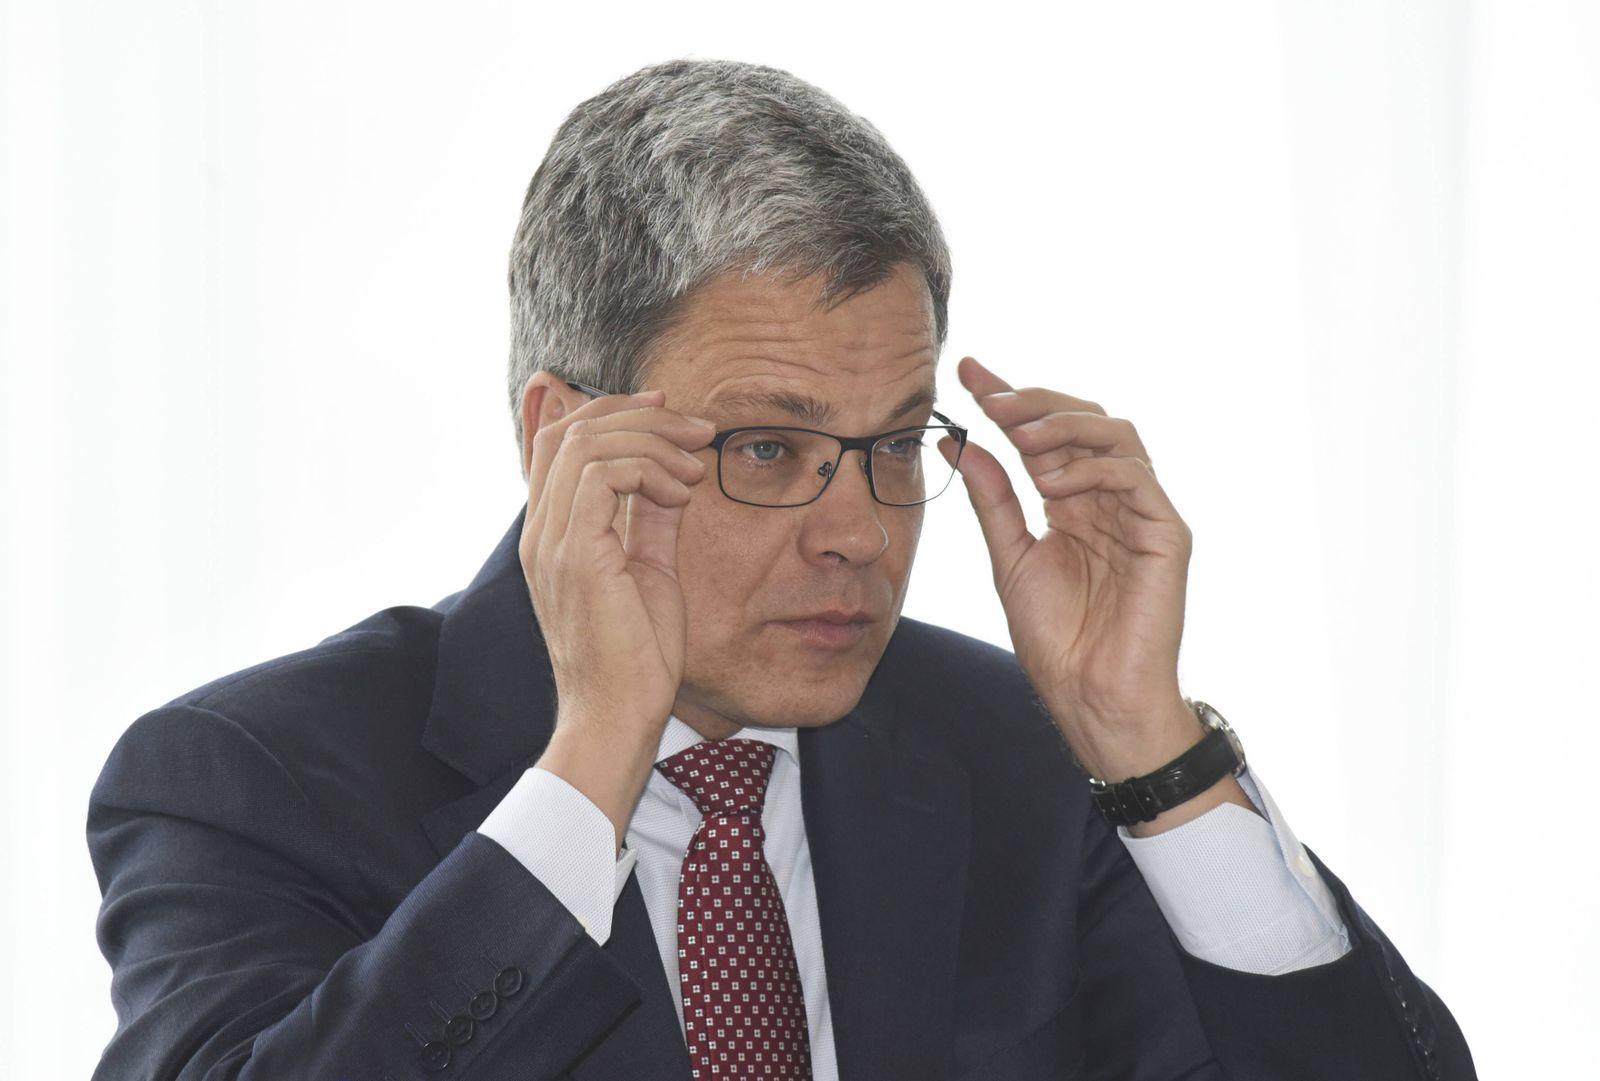 Deutschland, Muenchen, 19.09.2017 Manfred Knof, seit 2015 Chef der Allianz Deutschland, verlaesst nach Informationen da